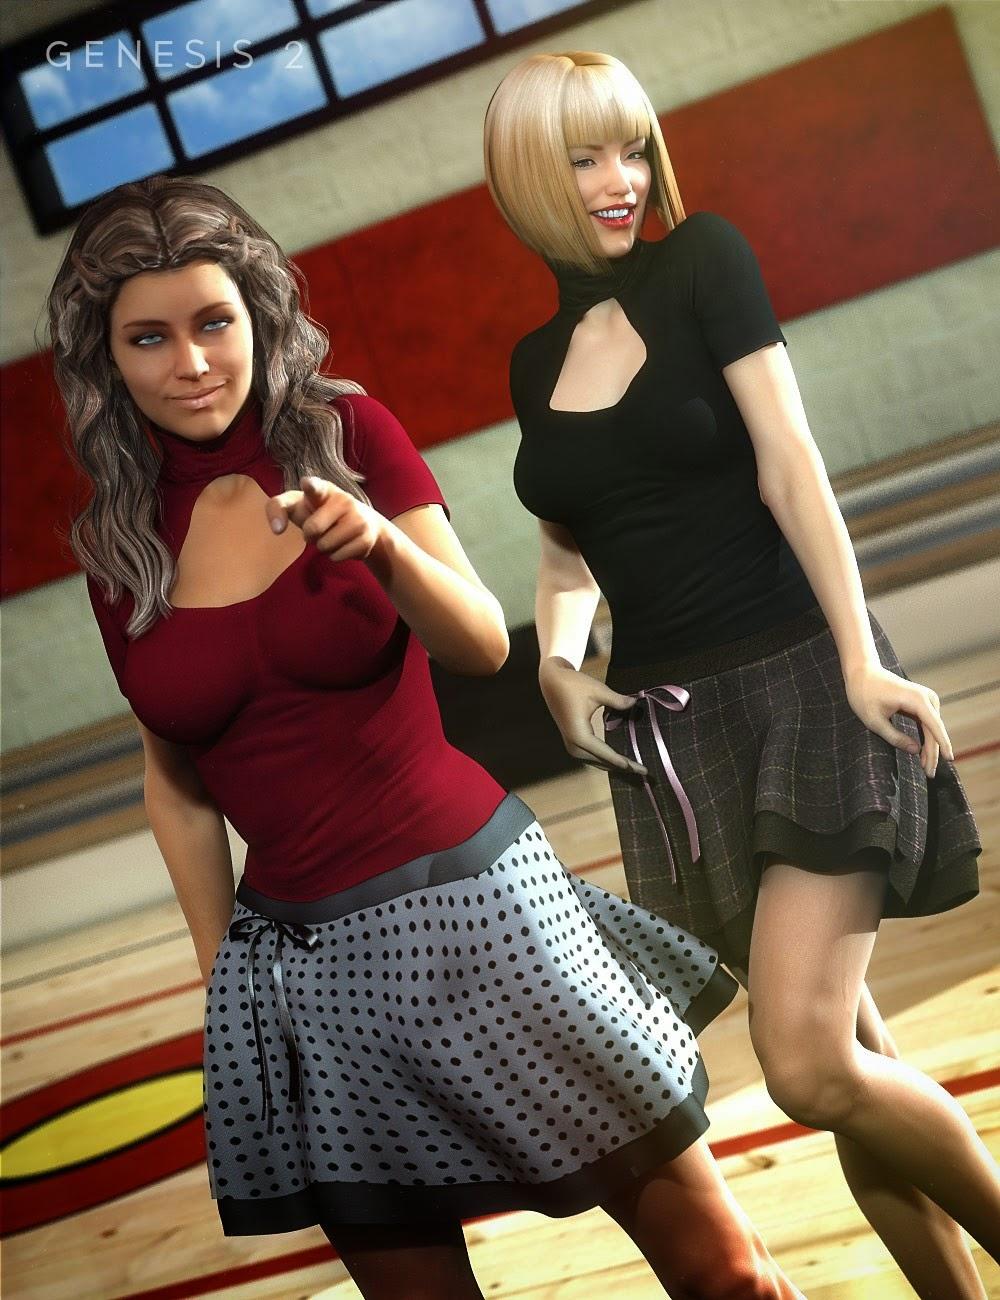 Ladybug Outfit pour Genesis 2 Femme